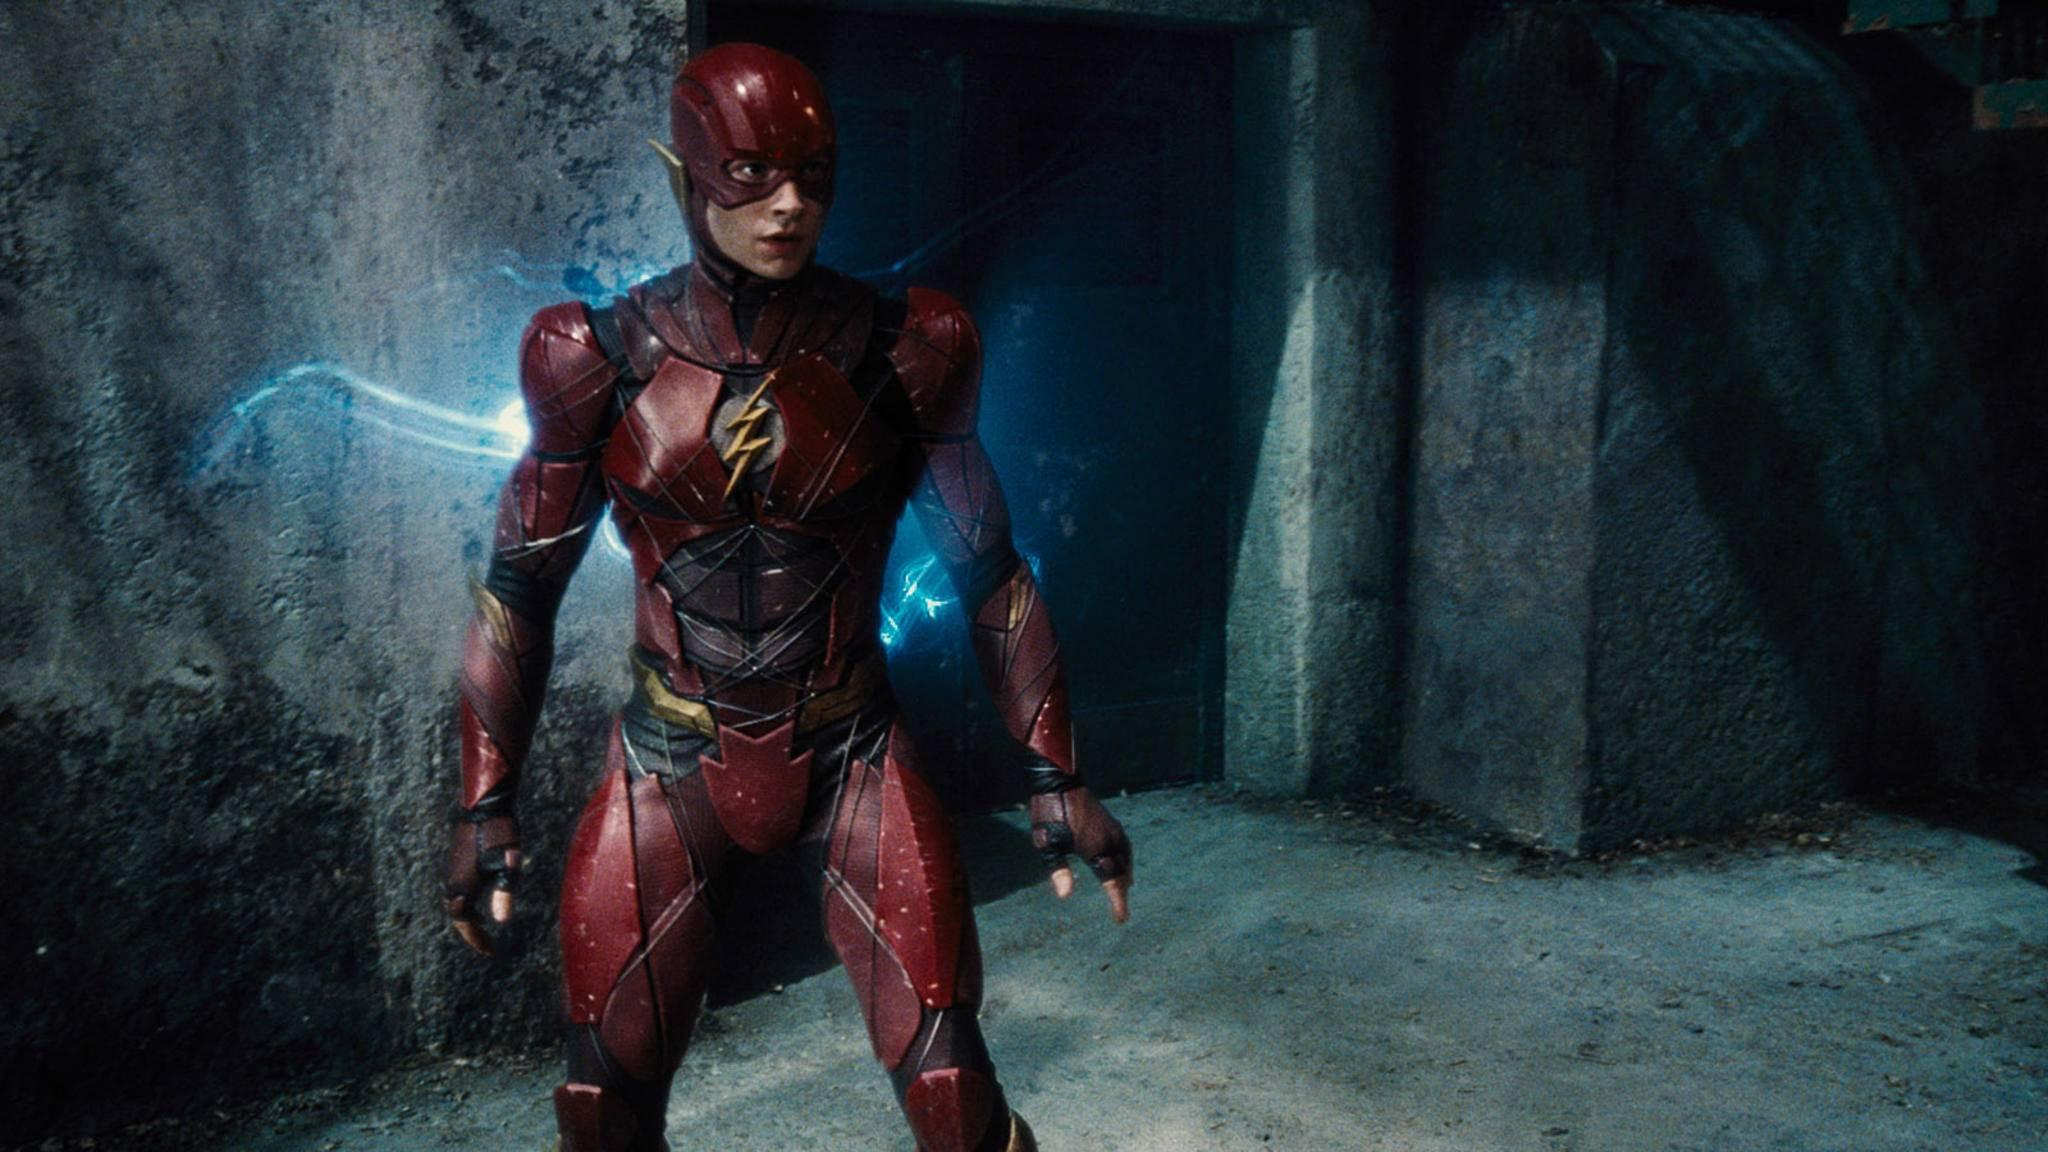 The Flash kann aufatmen: Sein Solo-Film ist noch immer eingeplant.